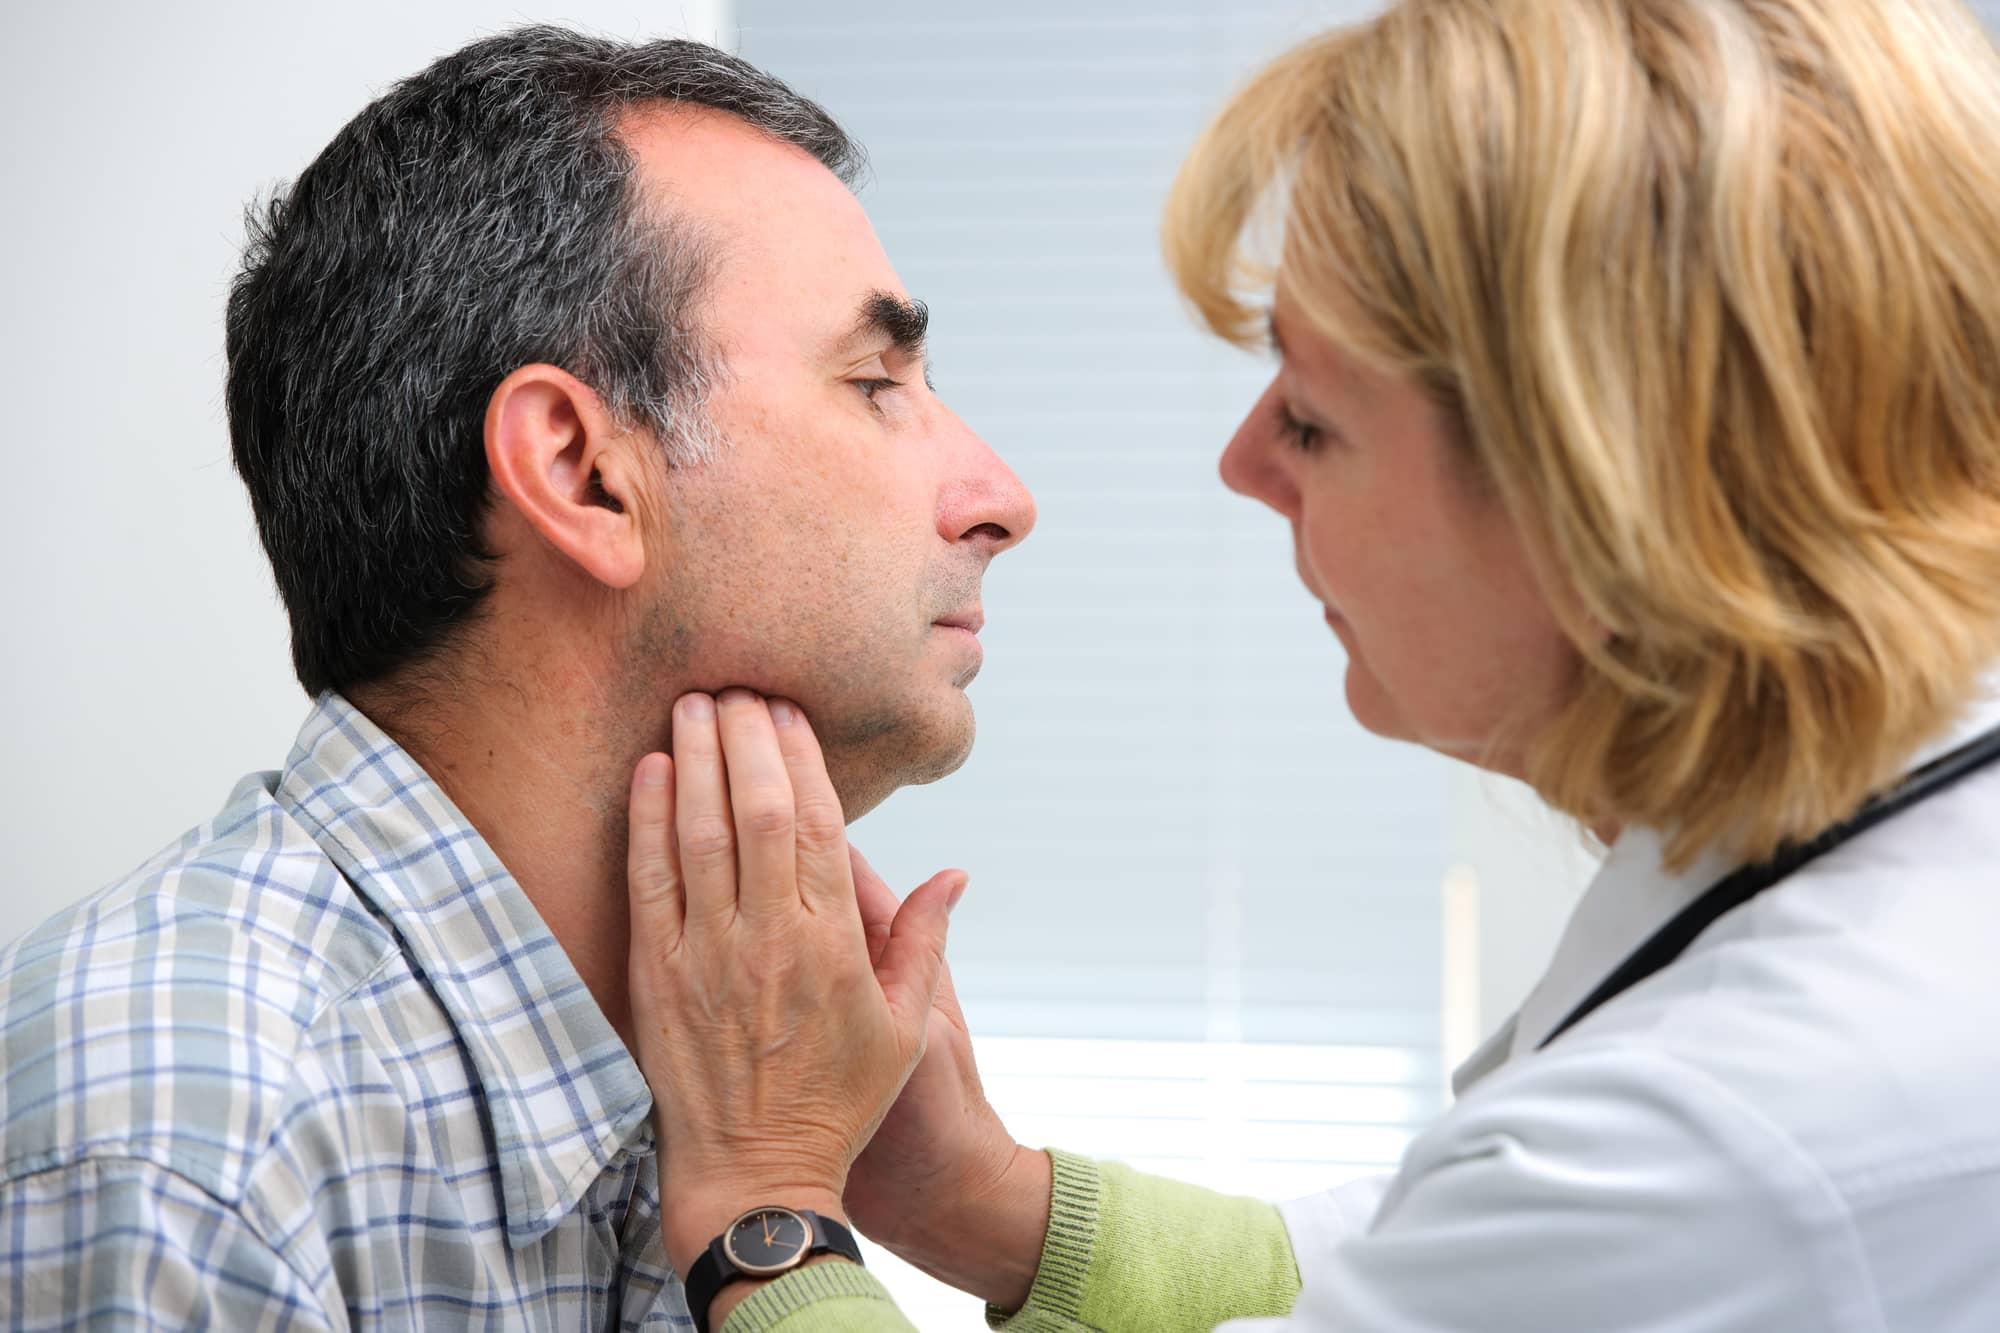 thyroid-surgery-scar